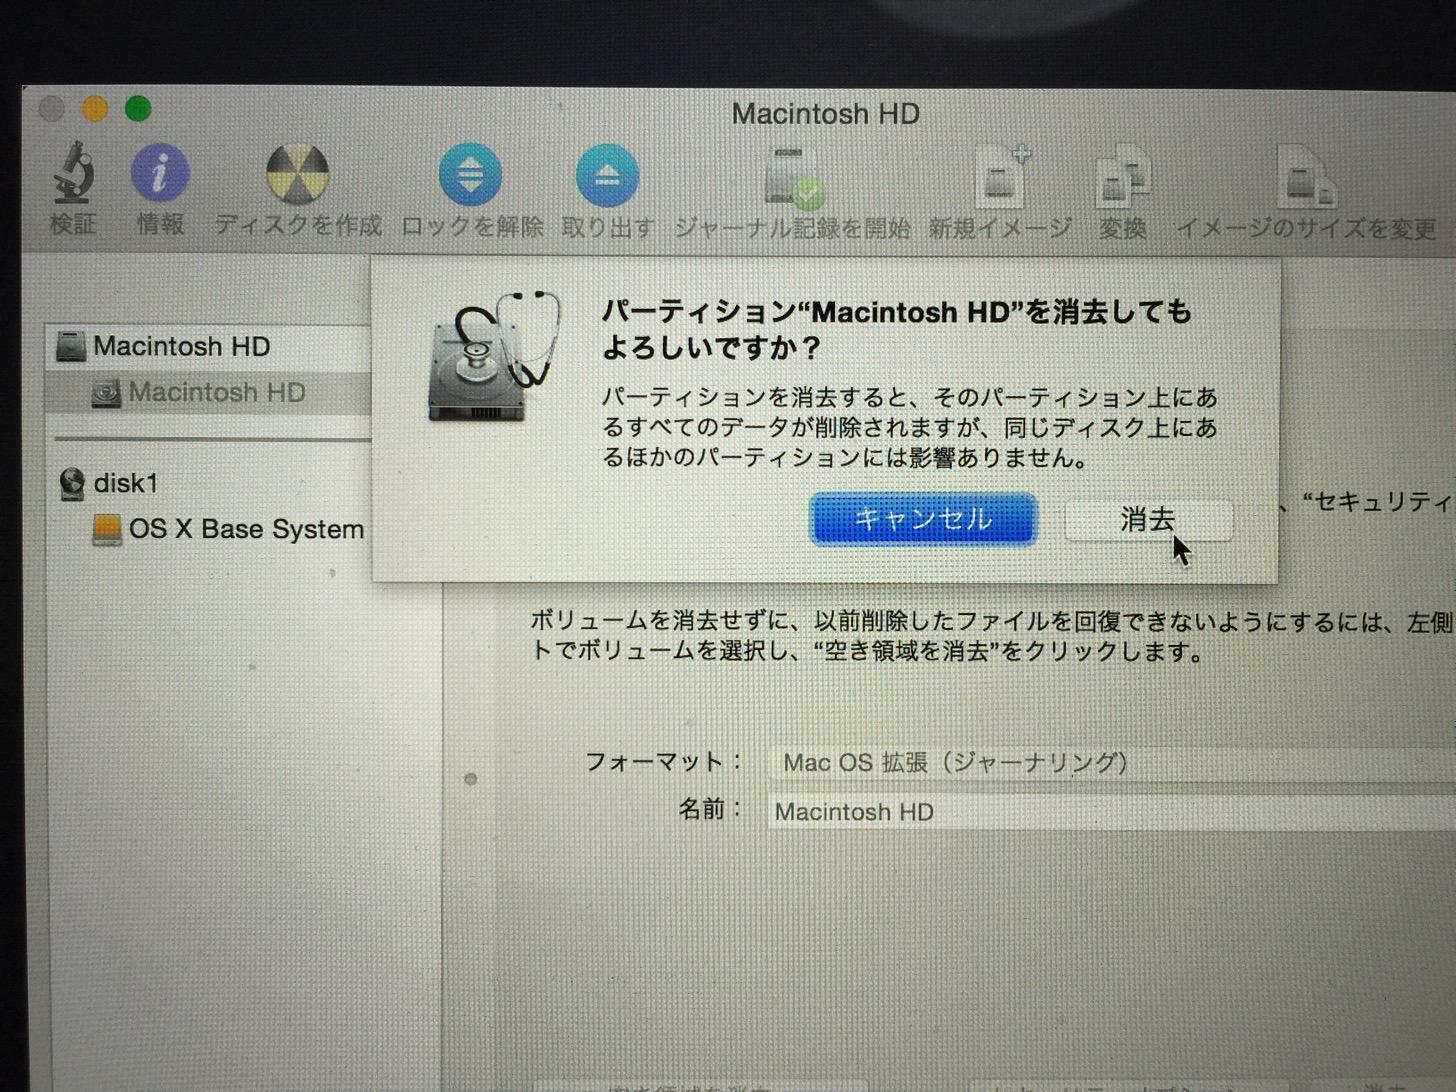 パーティション「Macintosh HD」を消去してもよろしいですか?